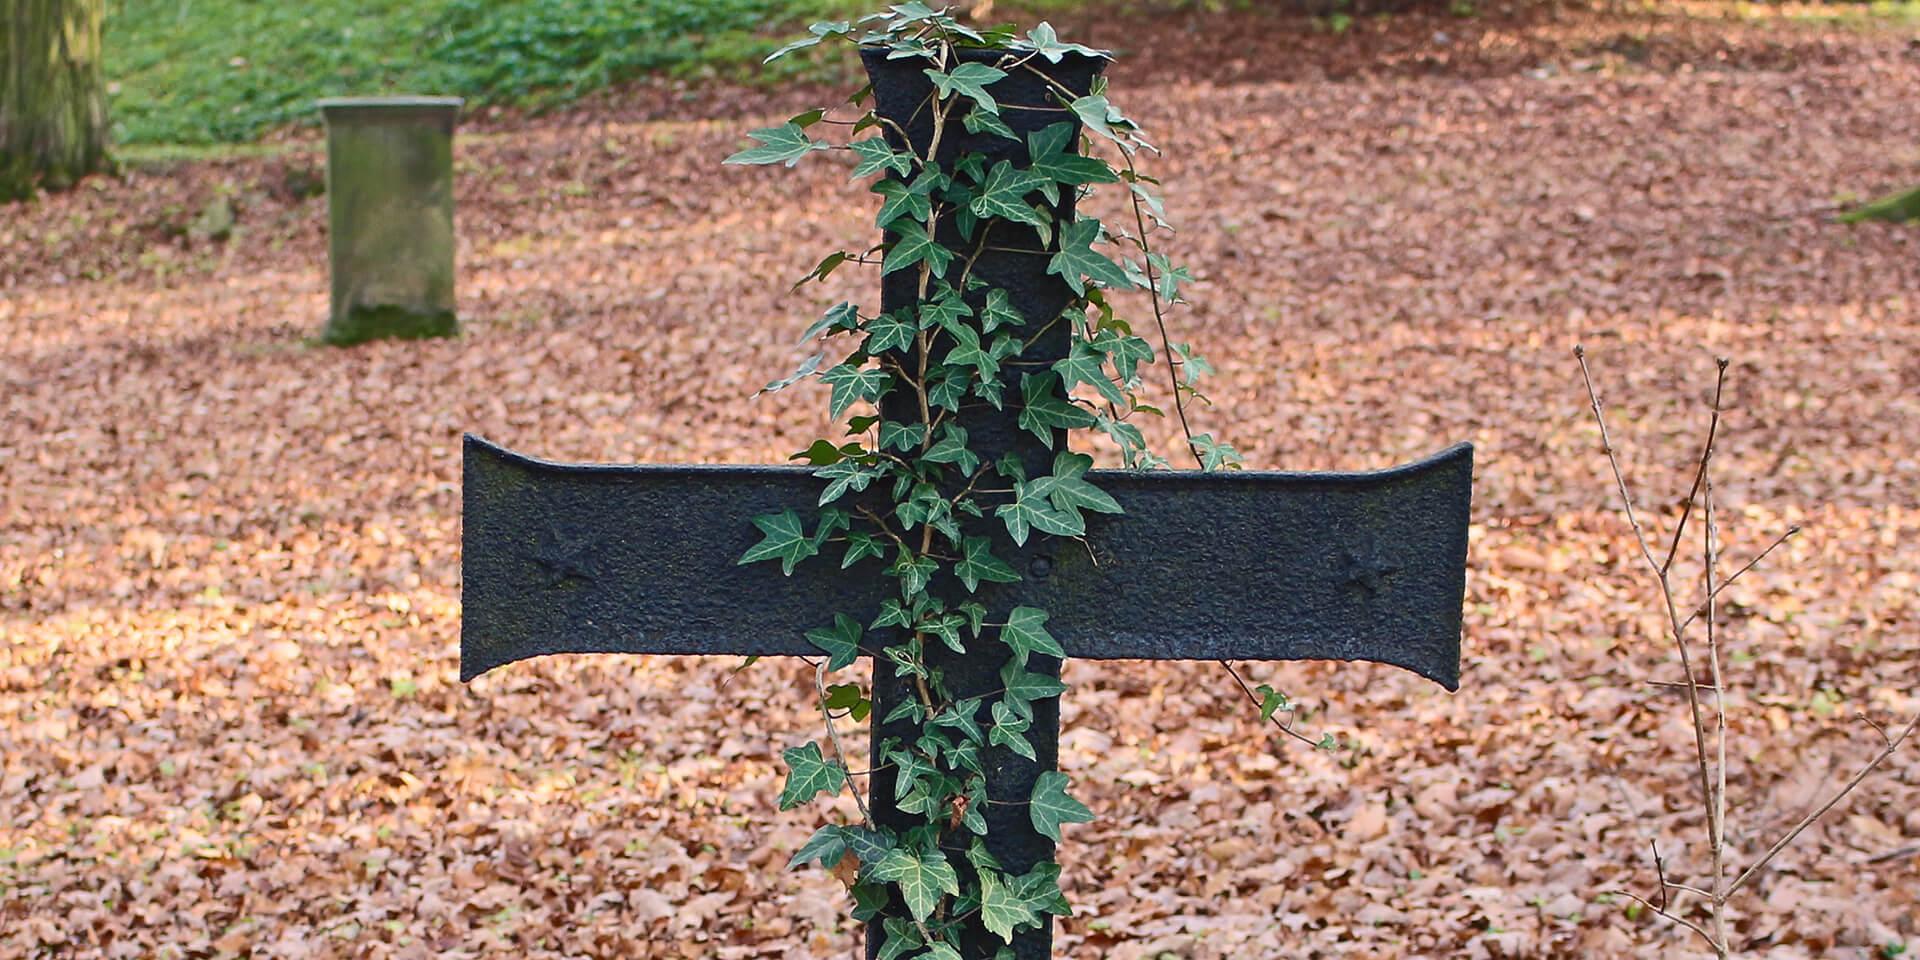 Das Bild zeigt ein Eisenkreuz